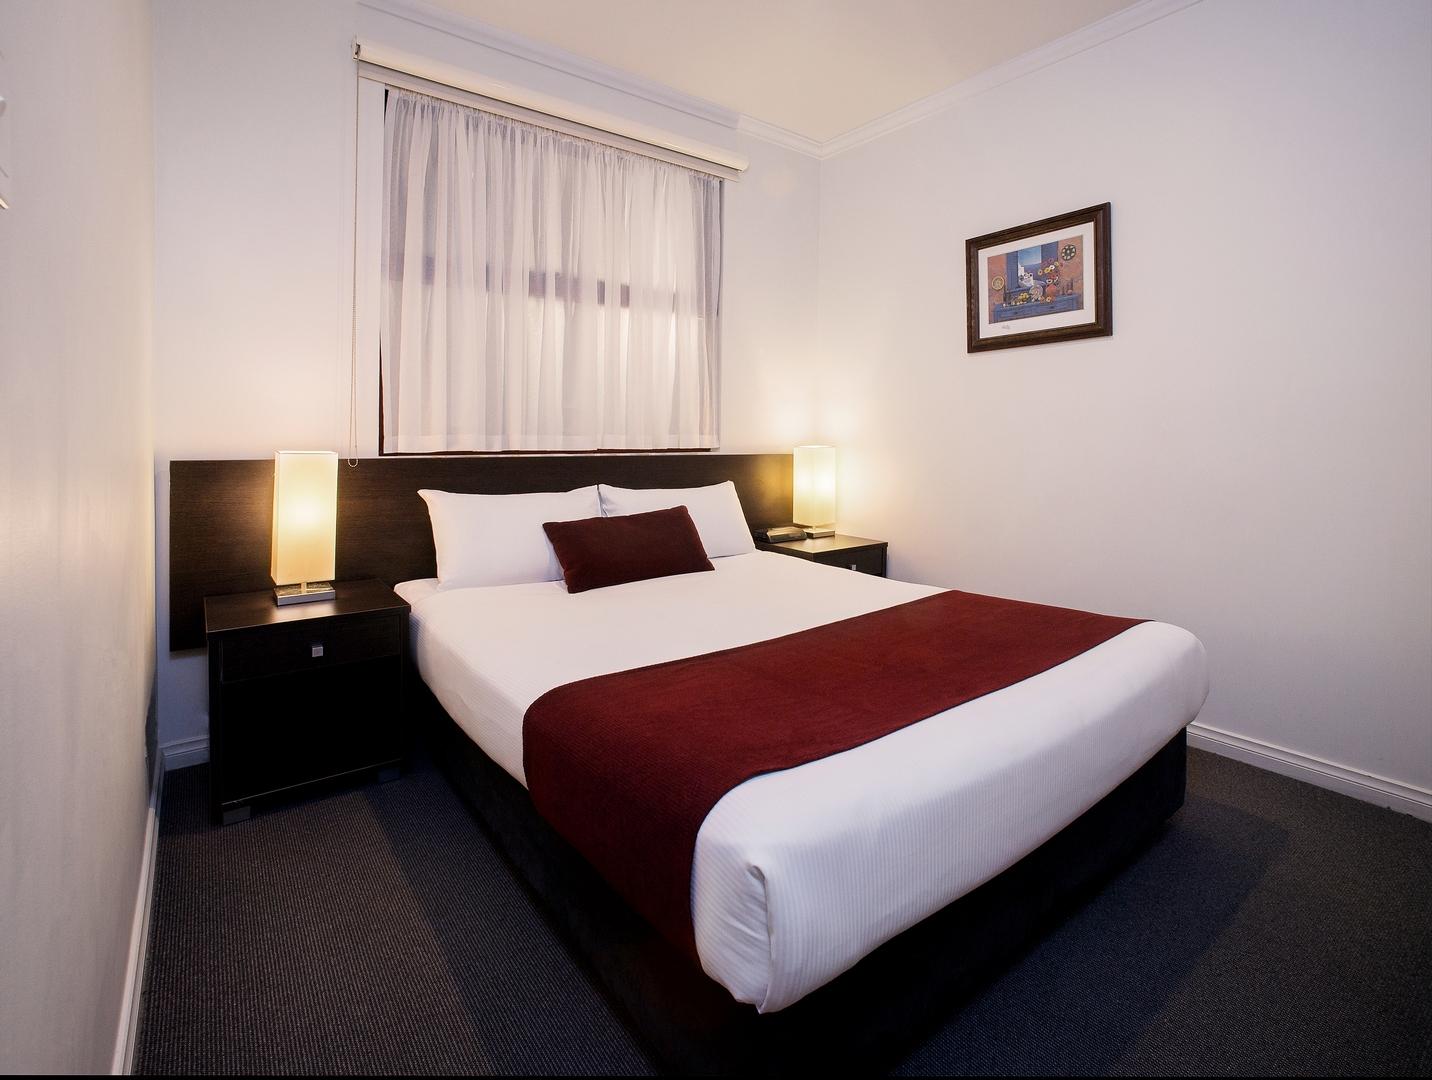 18 Desain Kamar Tidur Apartemen Minimalis Terbaru 2018 Dekor Rumah